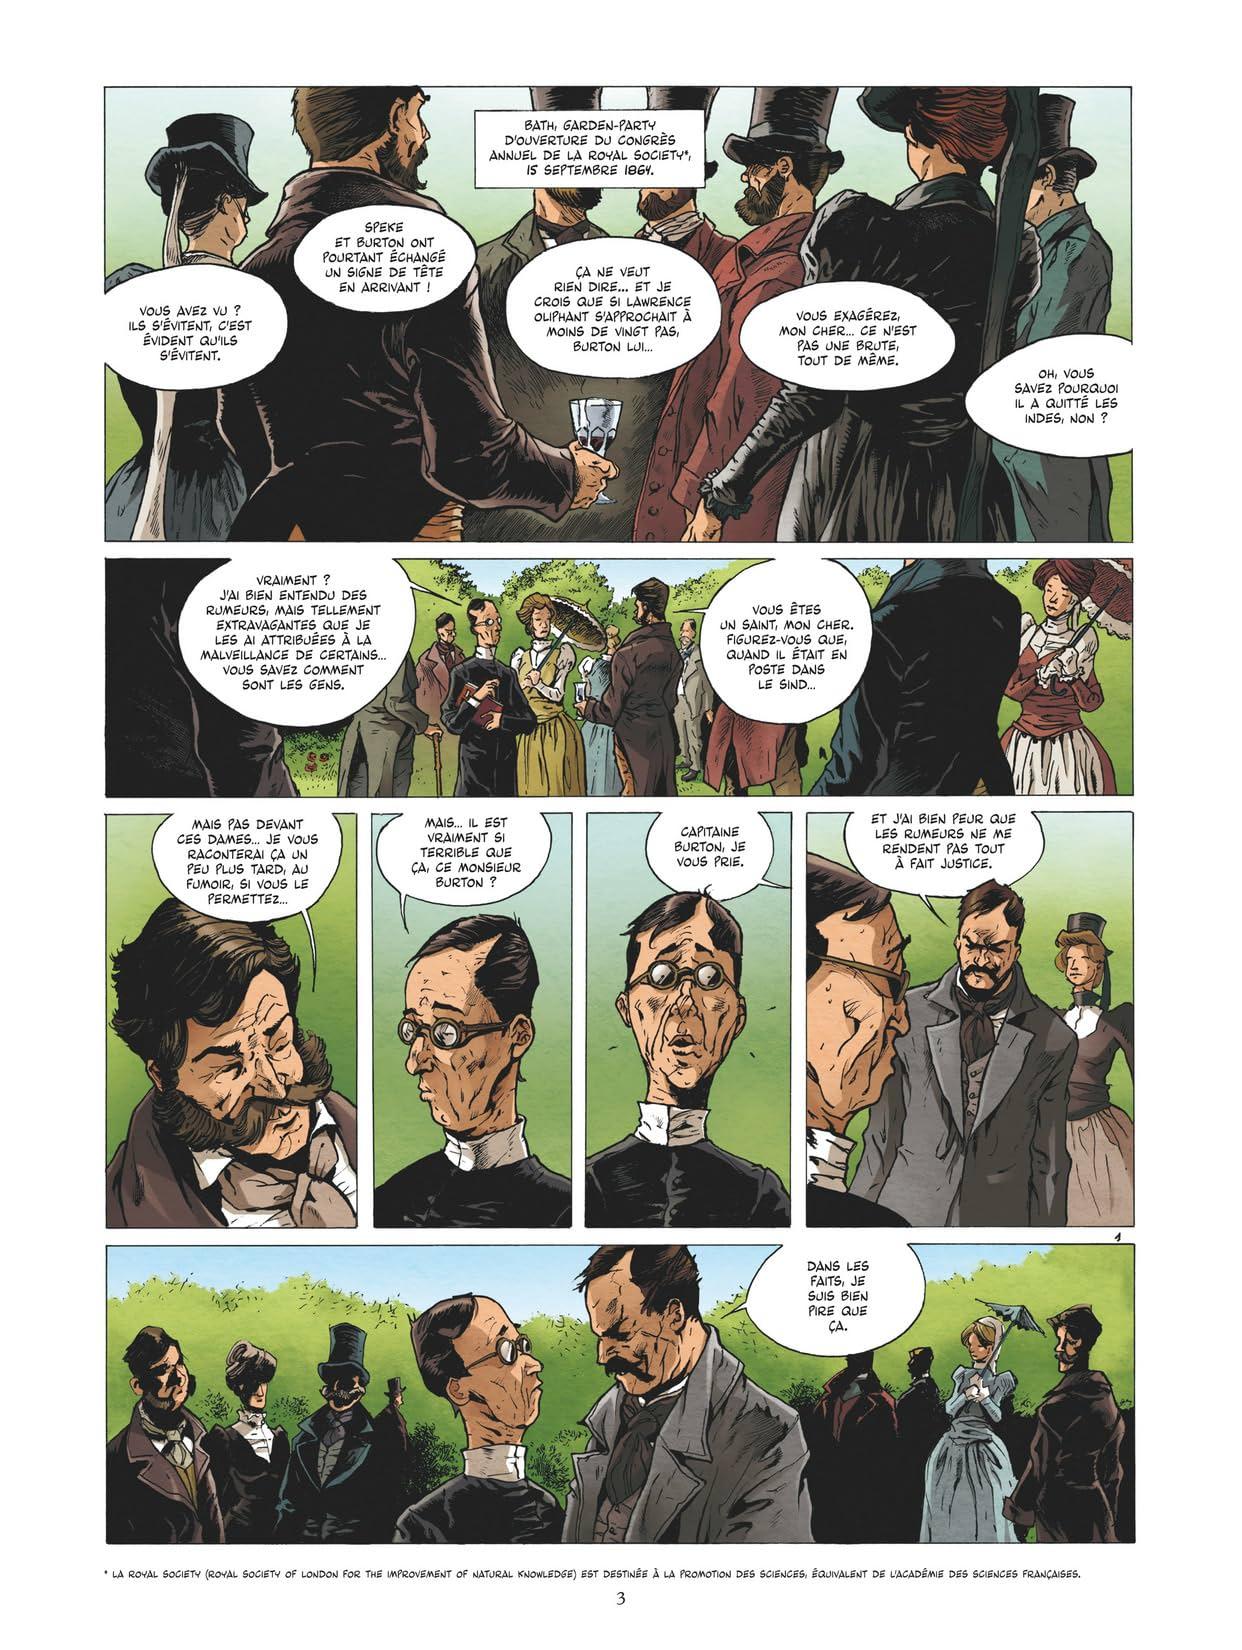 Burton Vol. 2: Le voyage à la Mecque